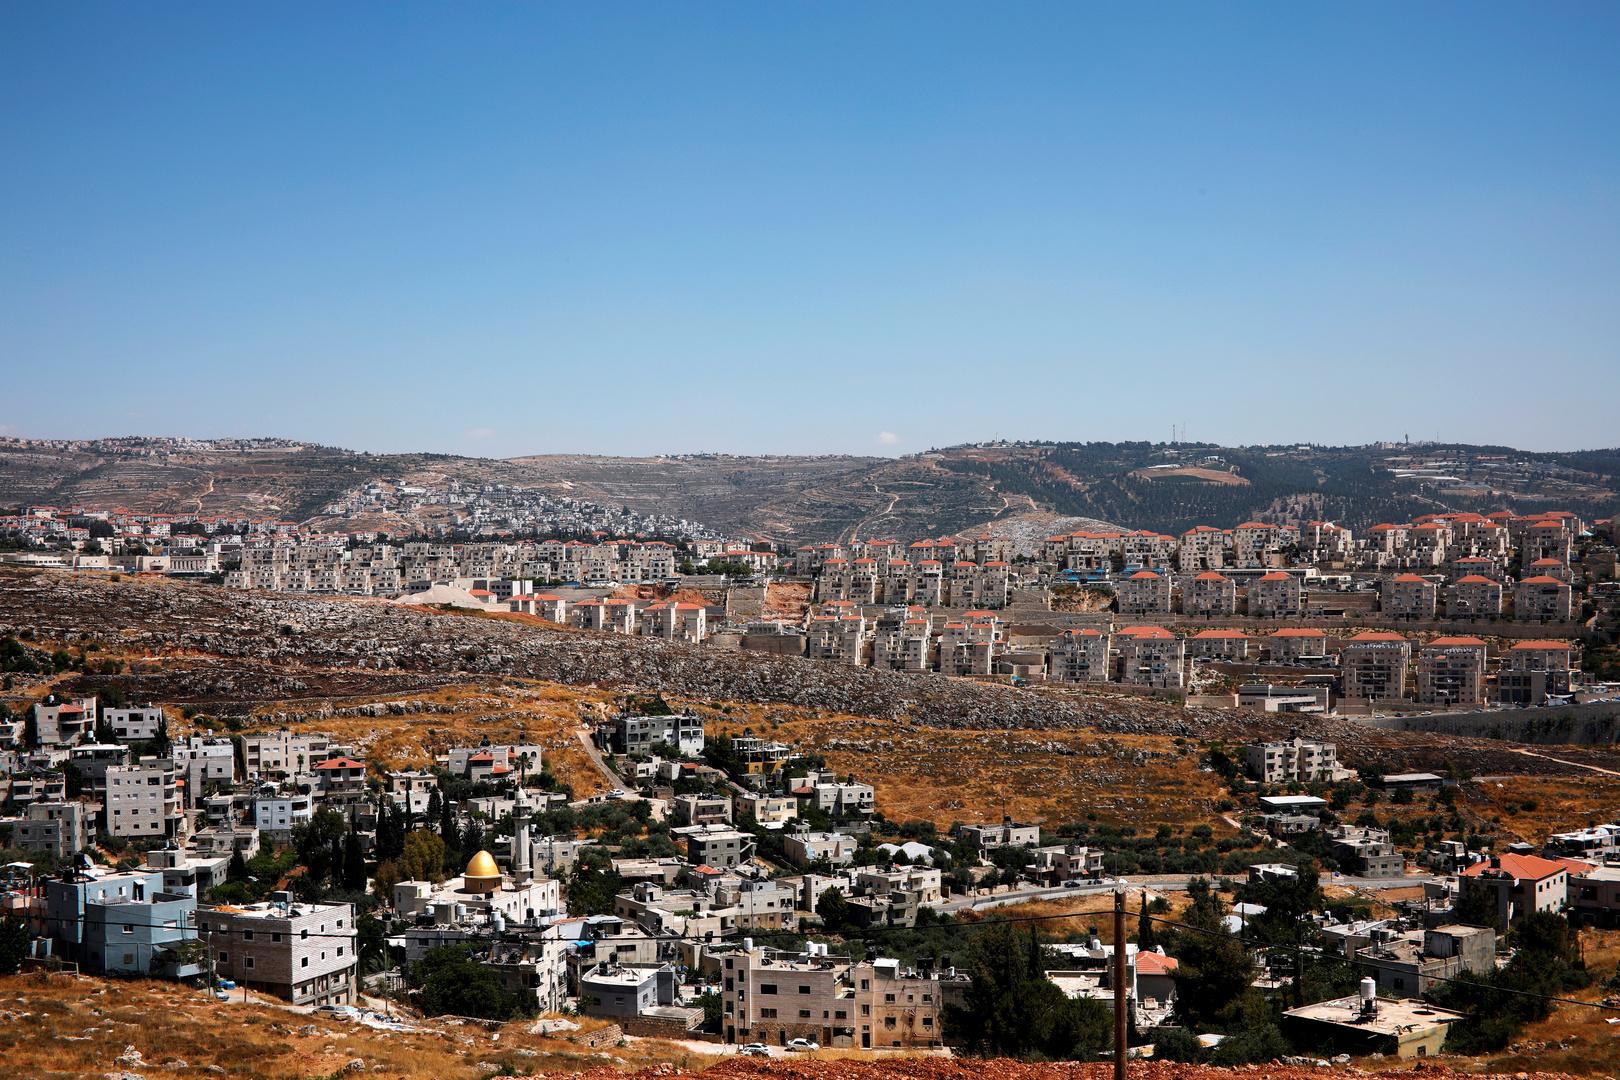 إسرائيل: ملف الضم خارج الأجندة لأن الجميع مشغولون